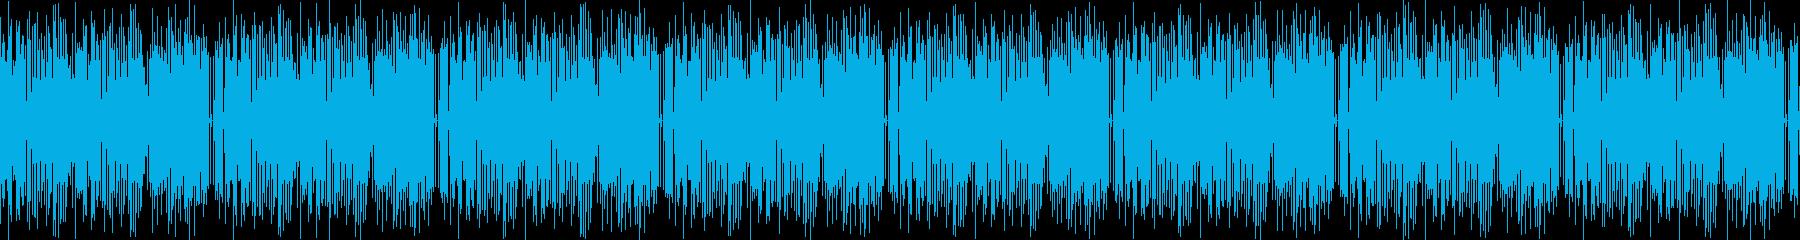 カフェをイメージした8bit系ジャズの再生済みの波形